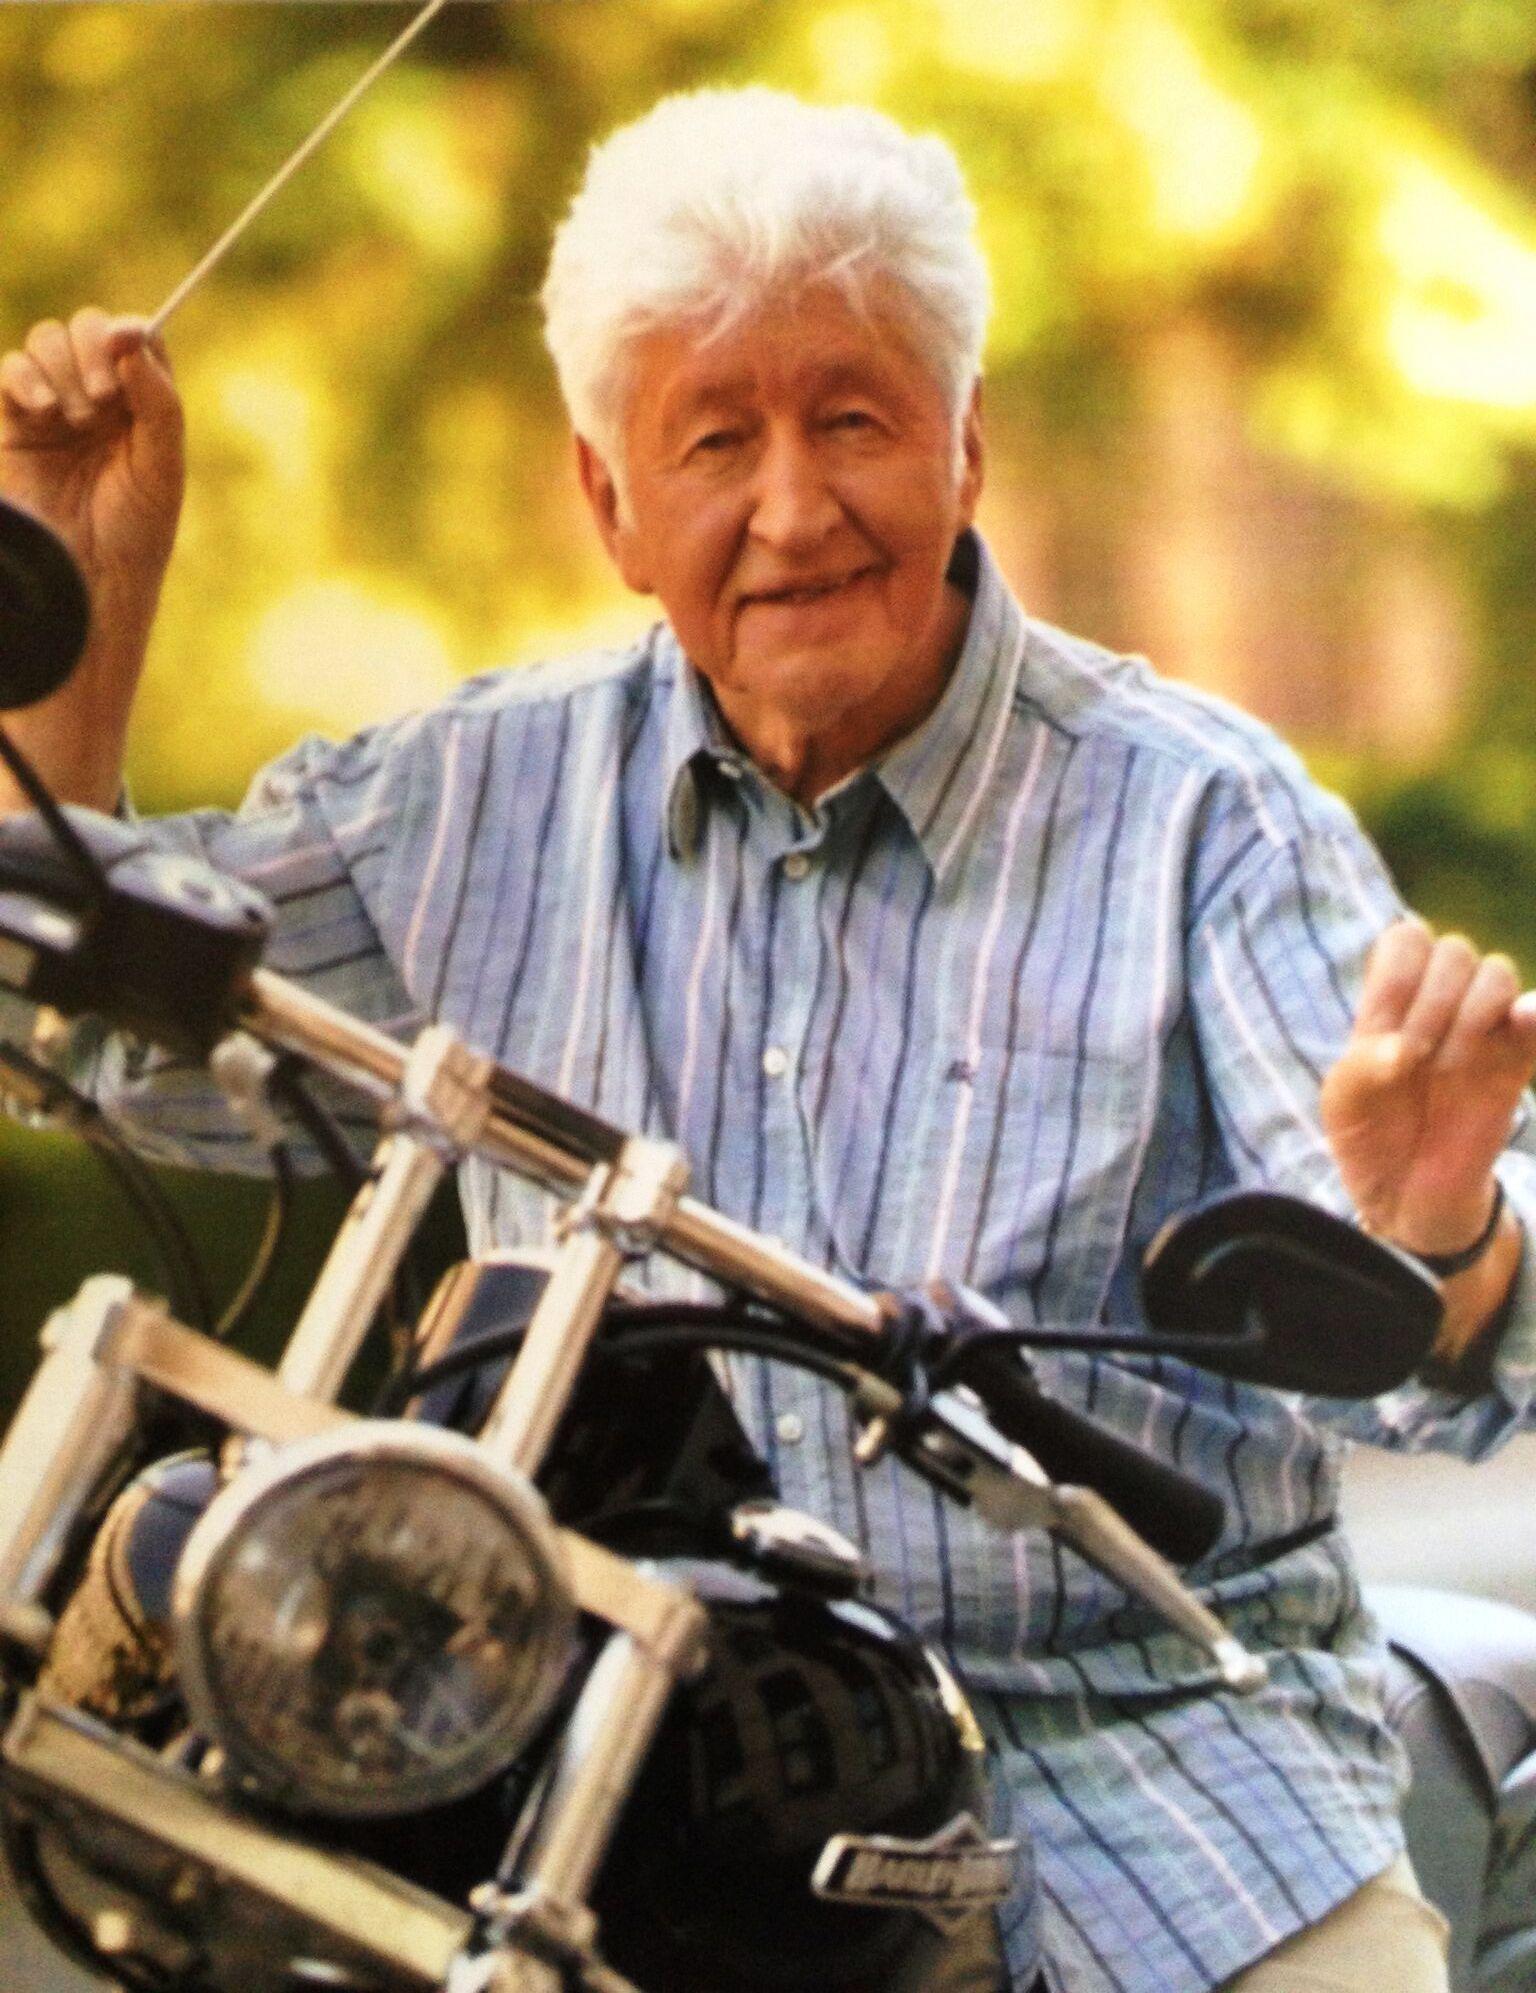 Auf einer Harley Davidson posierend